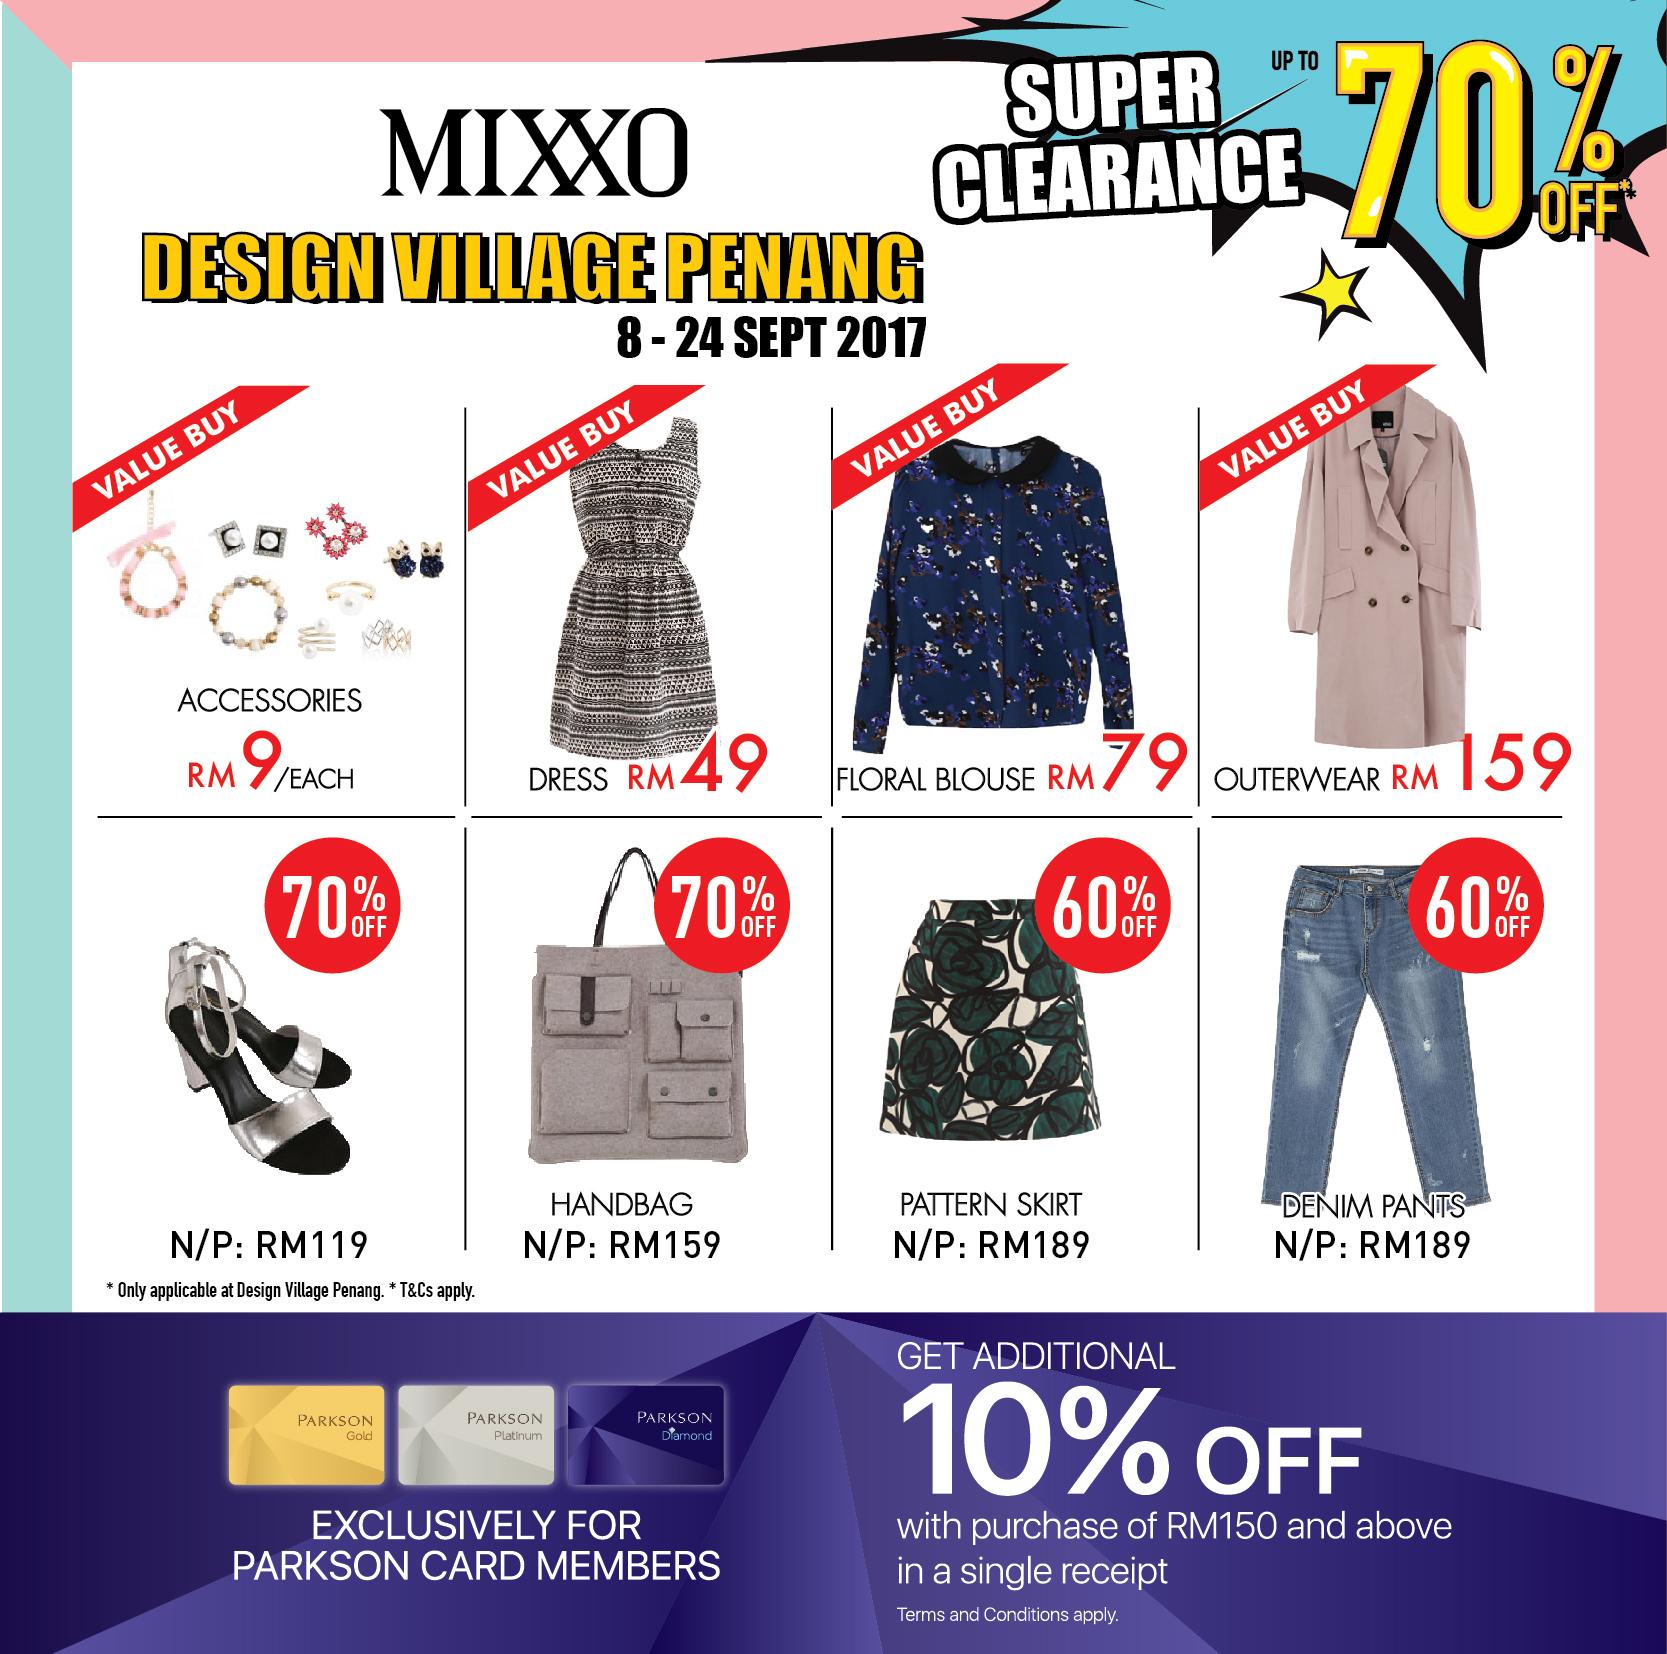 MIXXO PDV Social Media promo-01